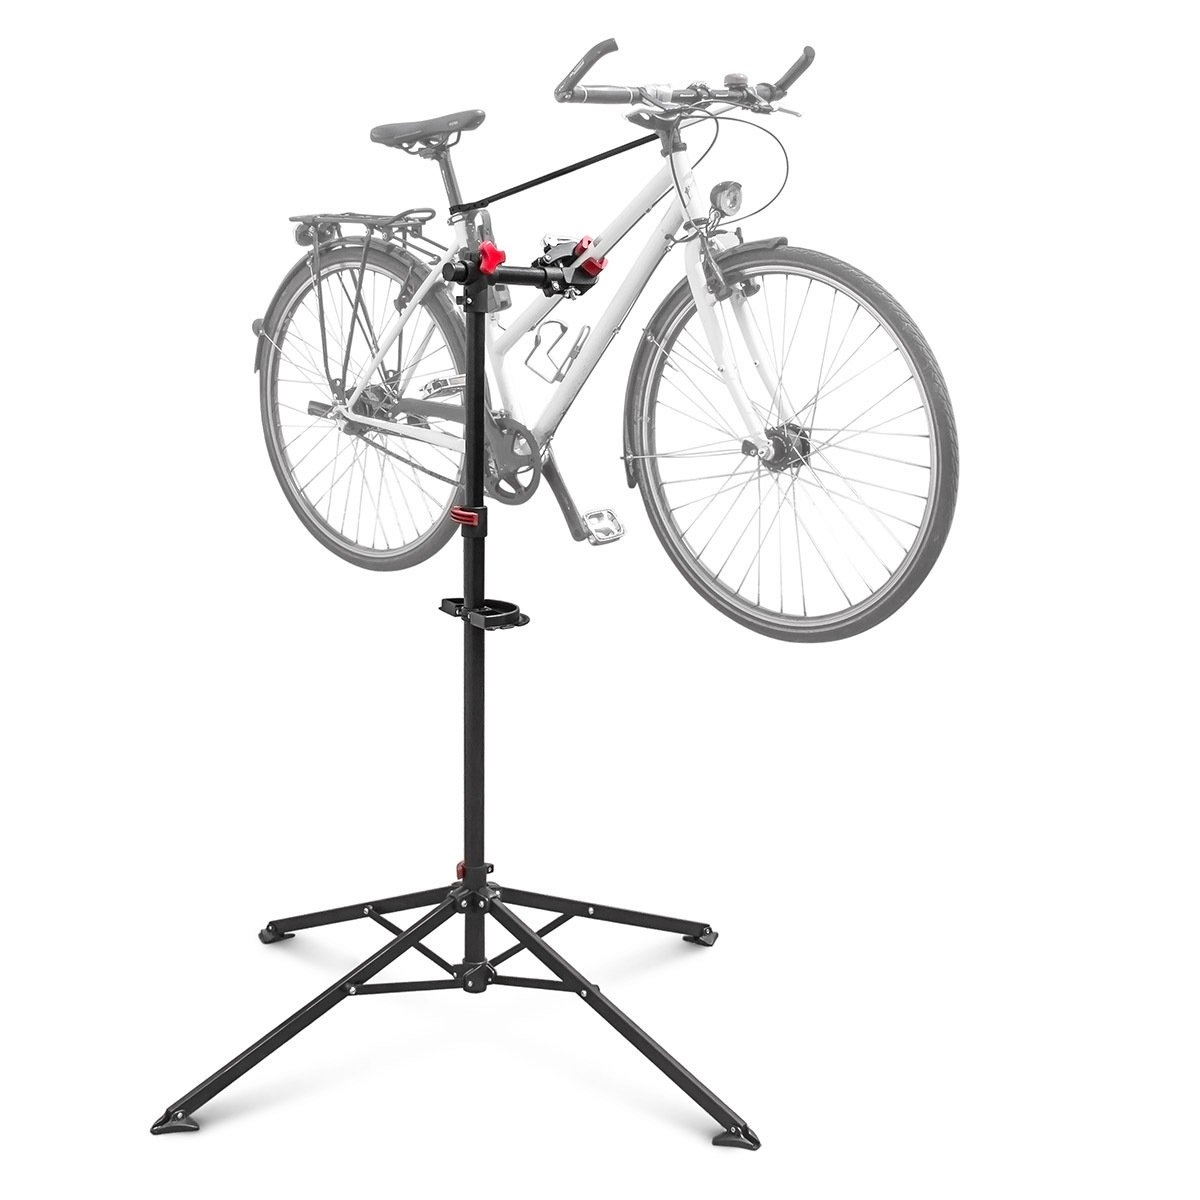 Relaxdays - Soporte caballete plegable para bicicletas, acero pulverizado, soporte hasta 30 kg,